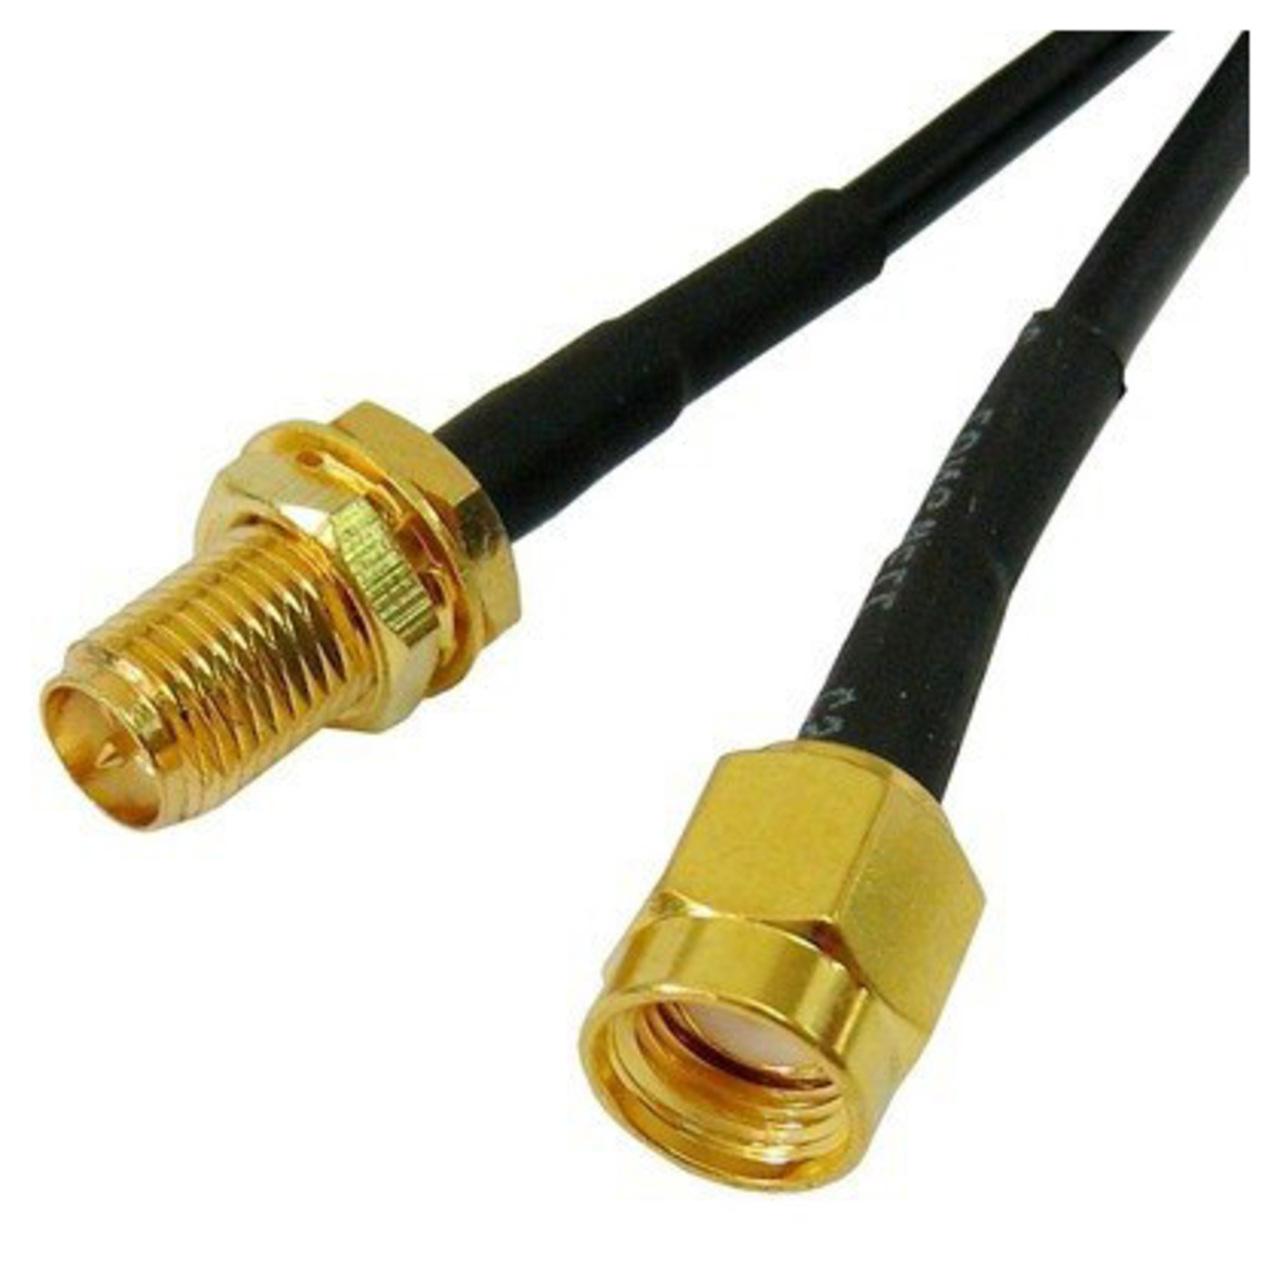 подключение кабеля пнсв к сети 220в схема